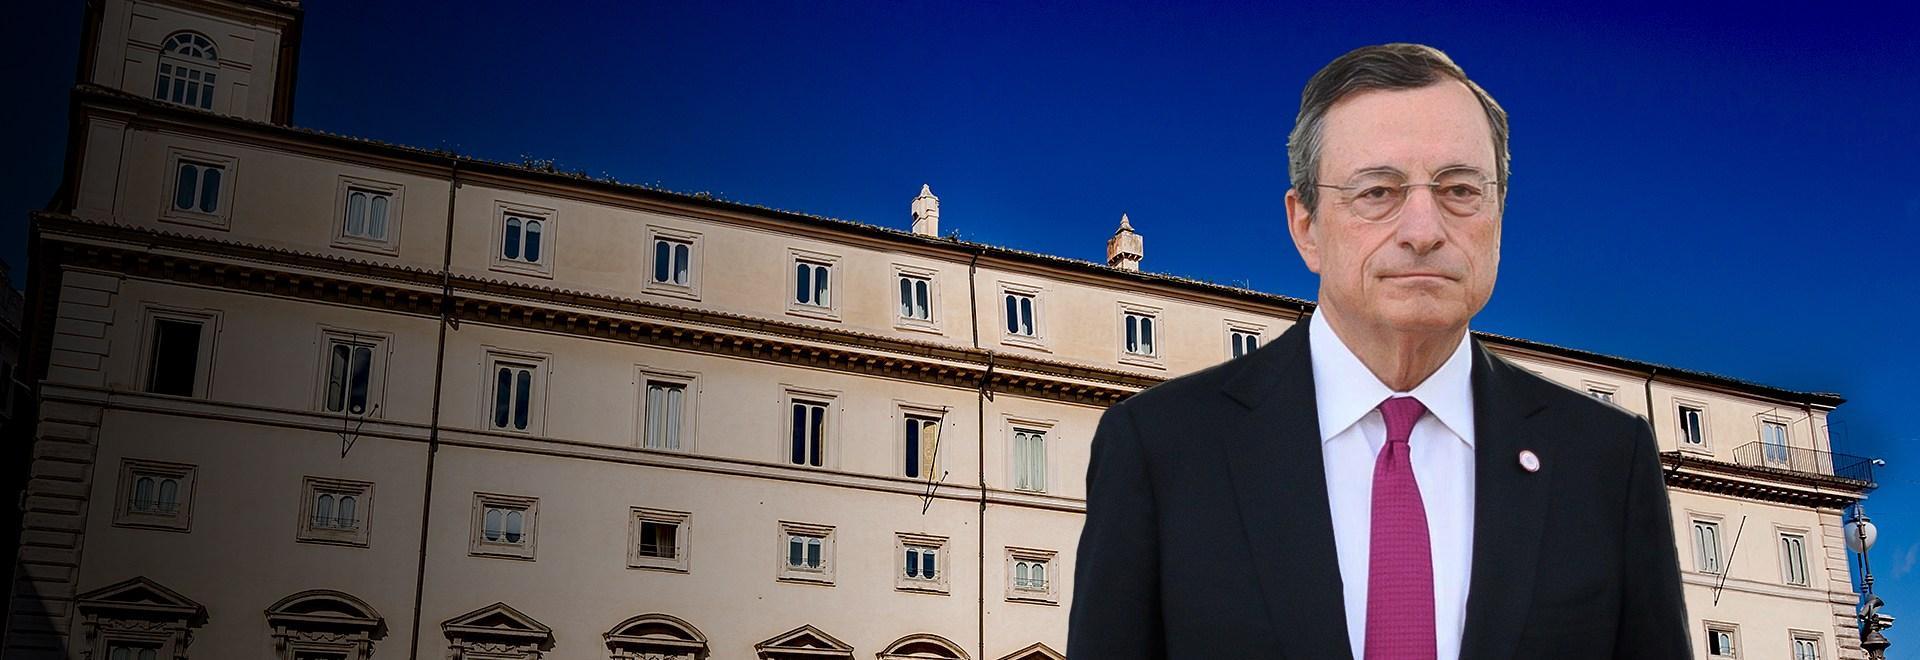 La scelta di Draghi